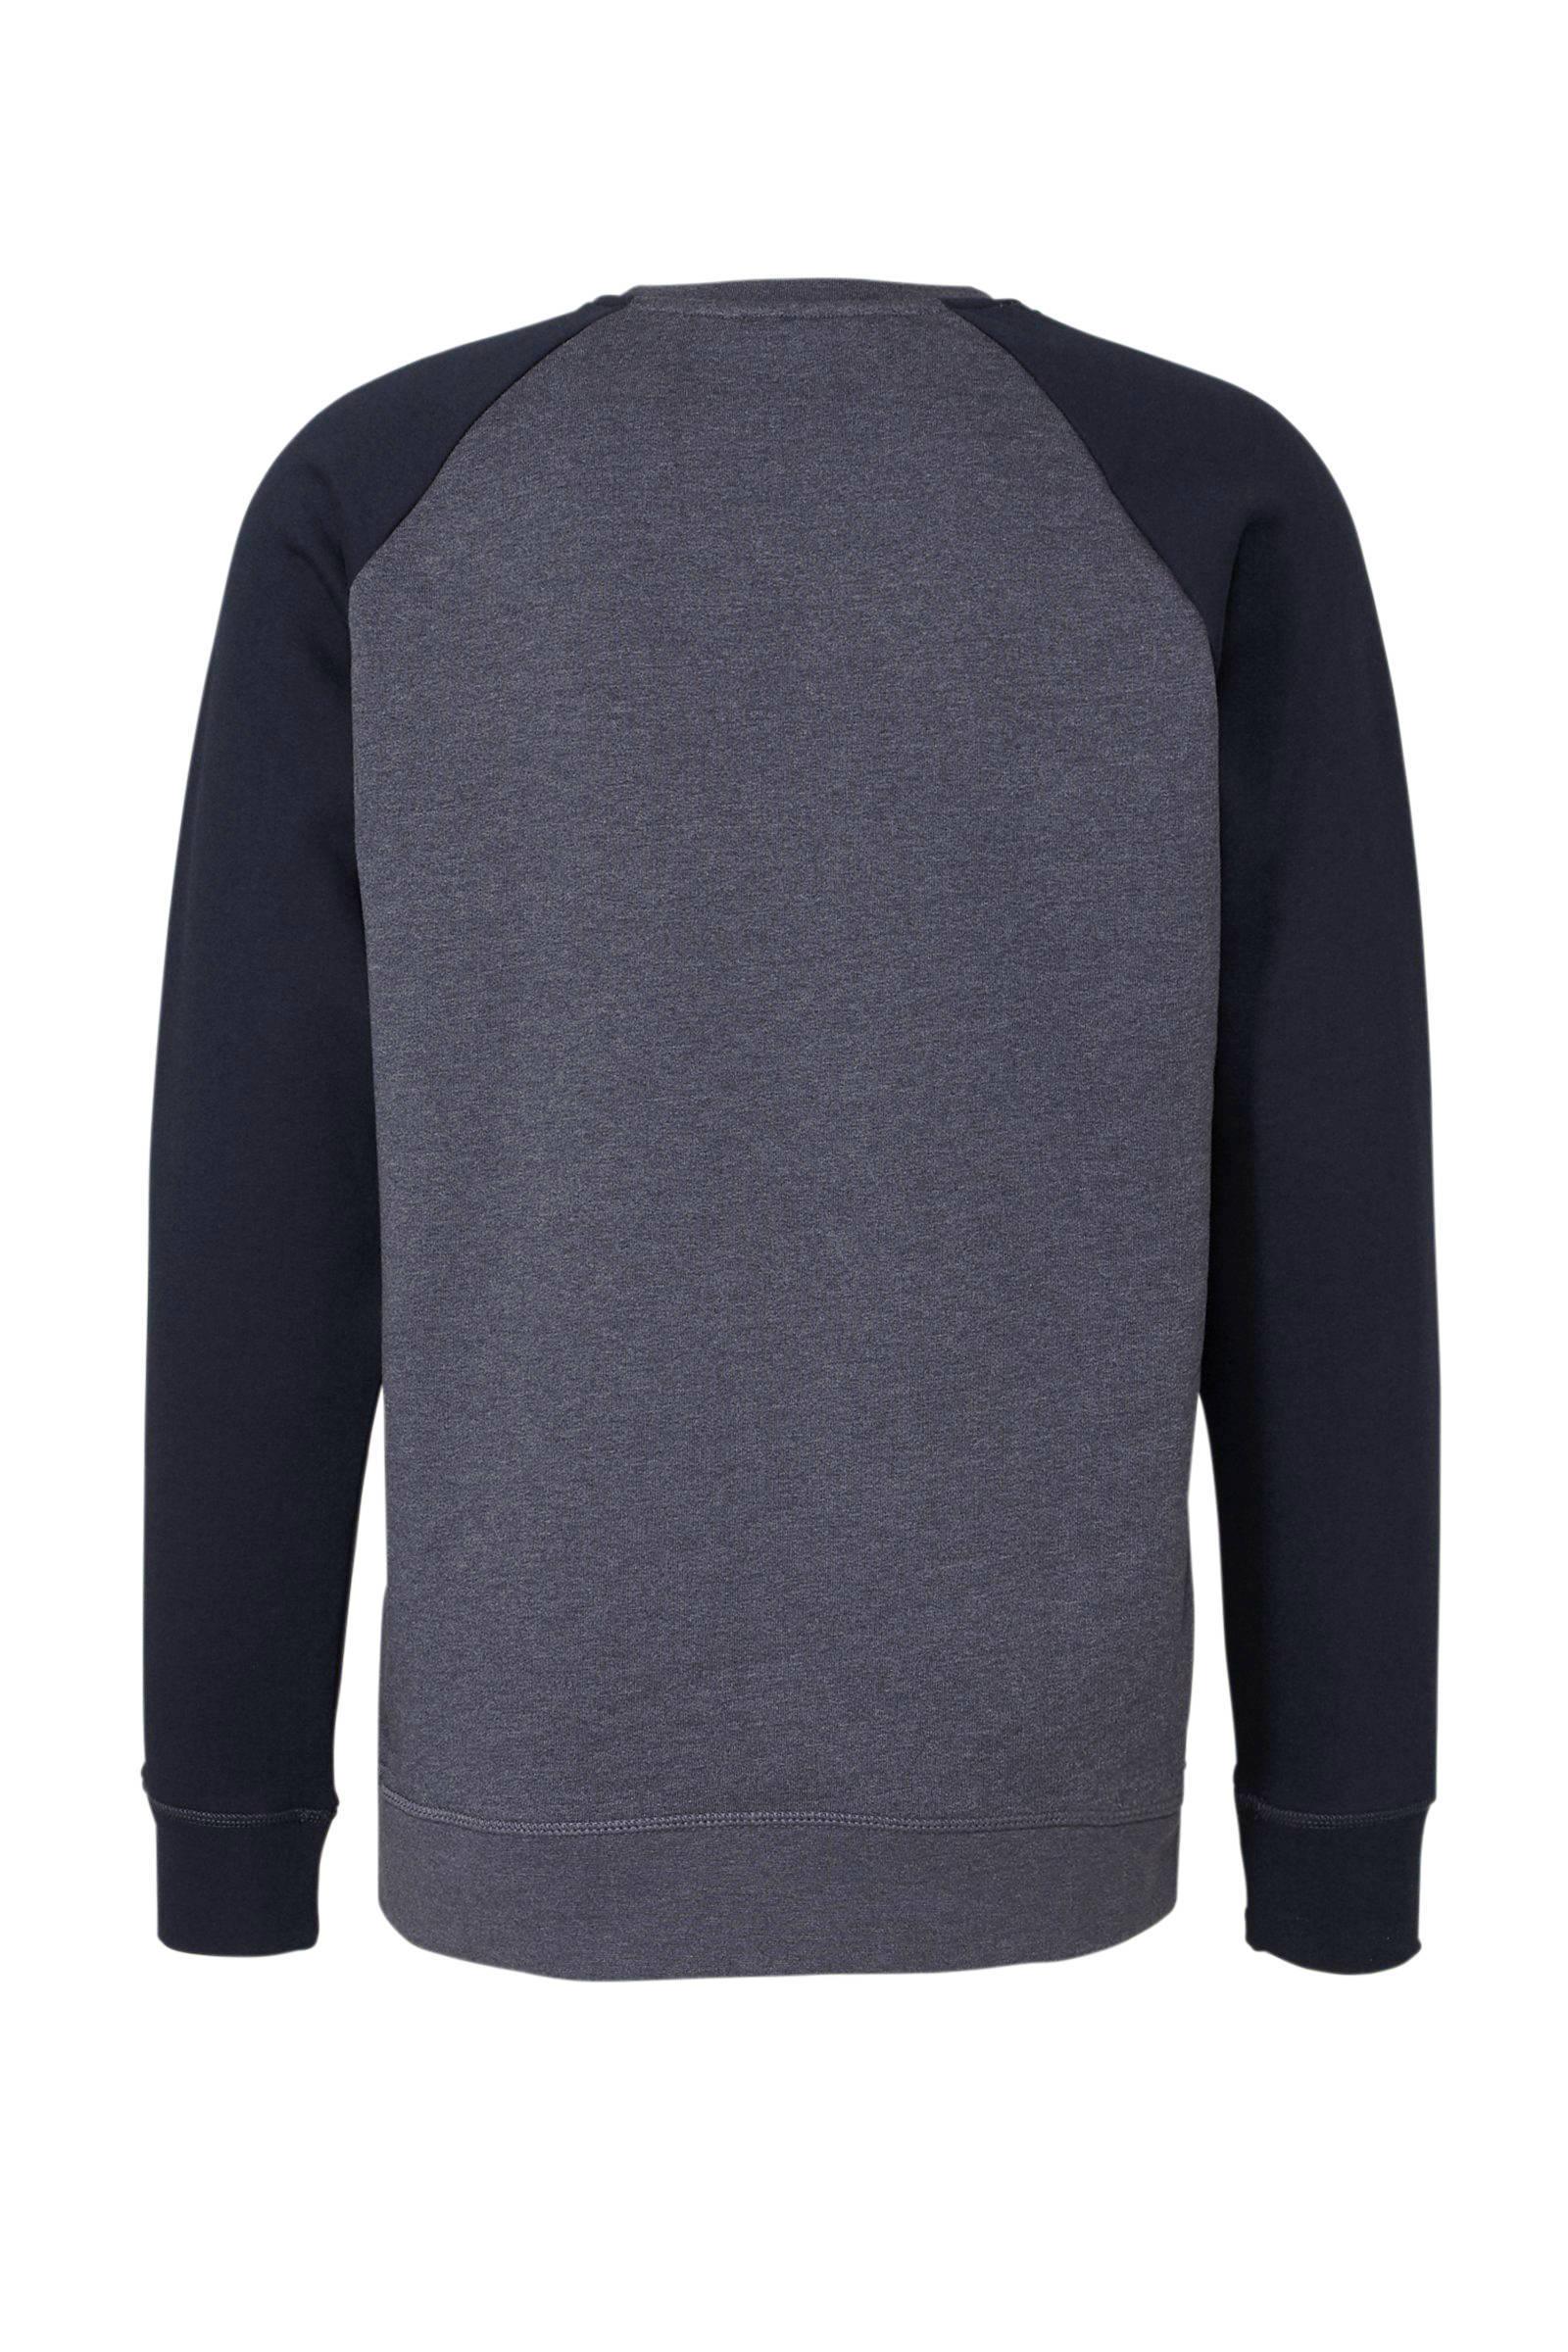 sweater ESPRIT ESPRIT Casual Men Men aPWRSqUWg